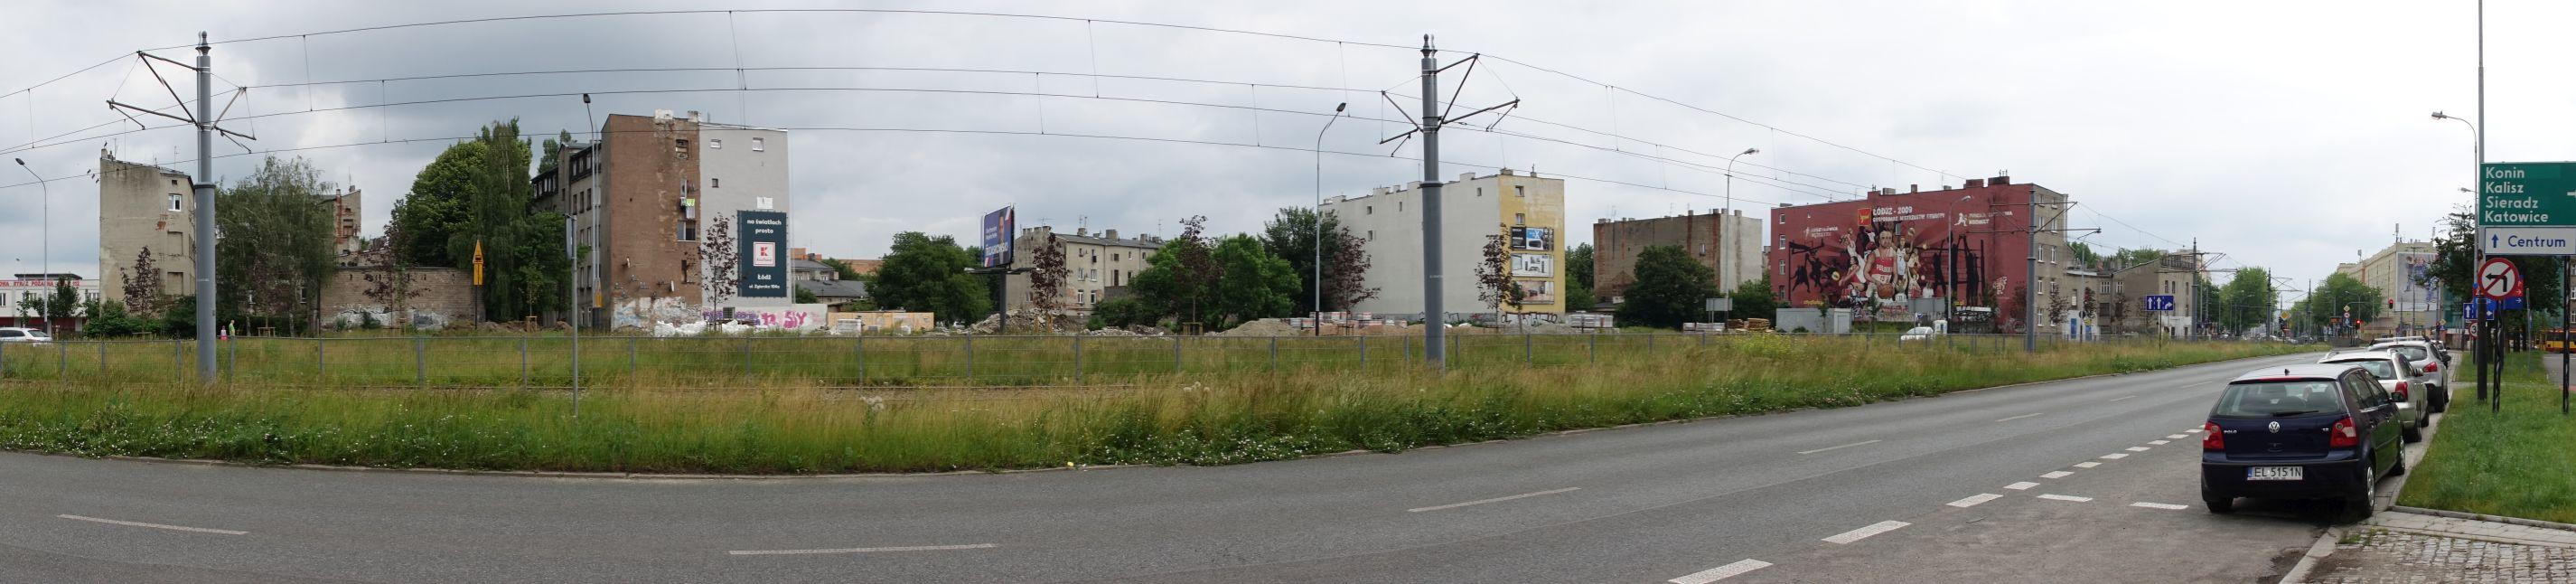 Zgierska12